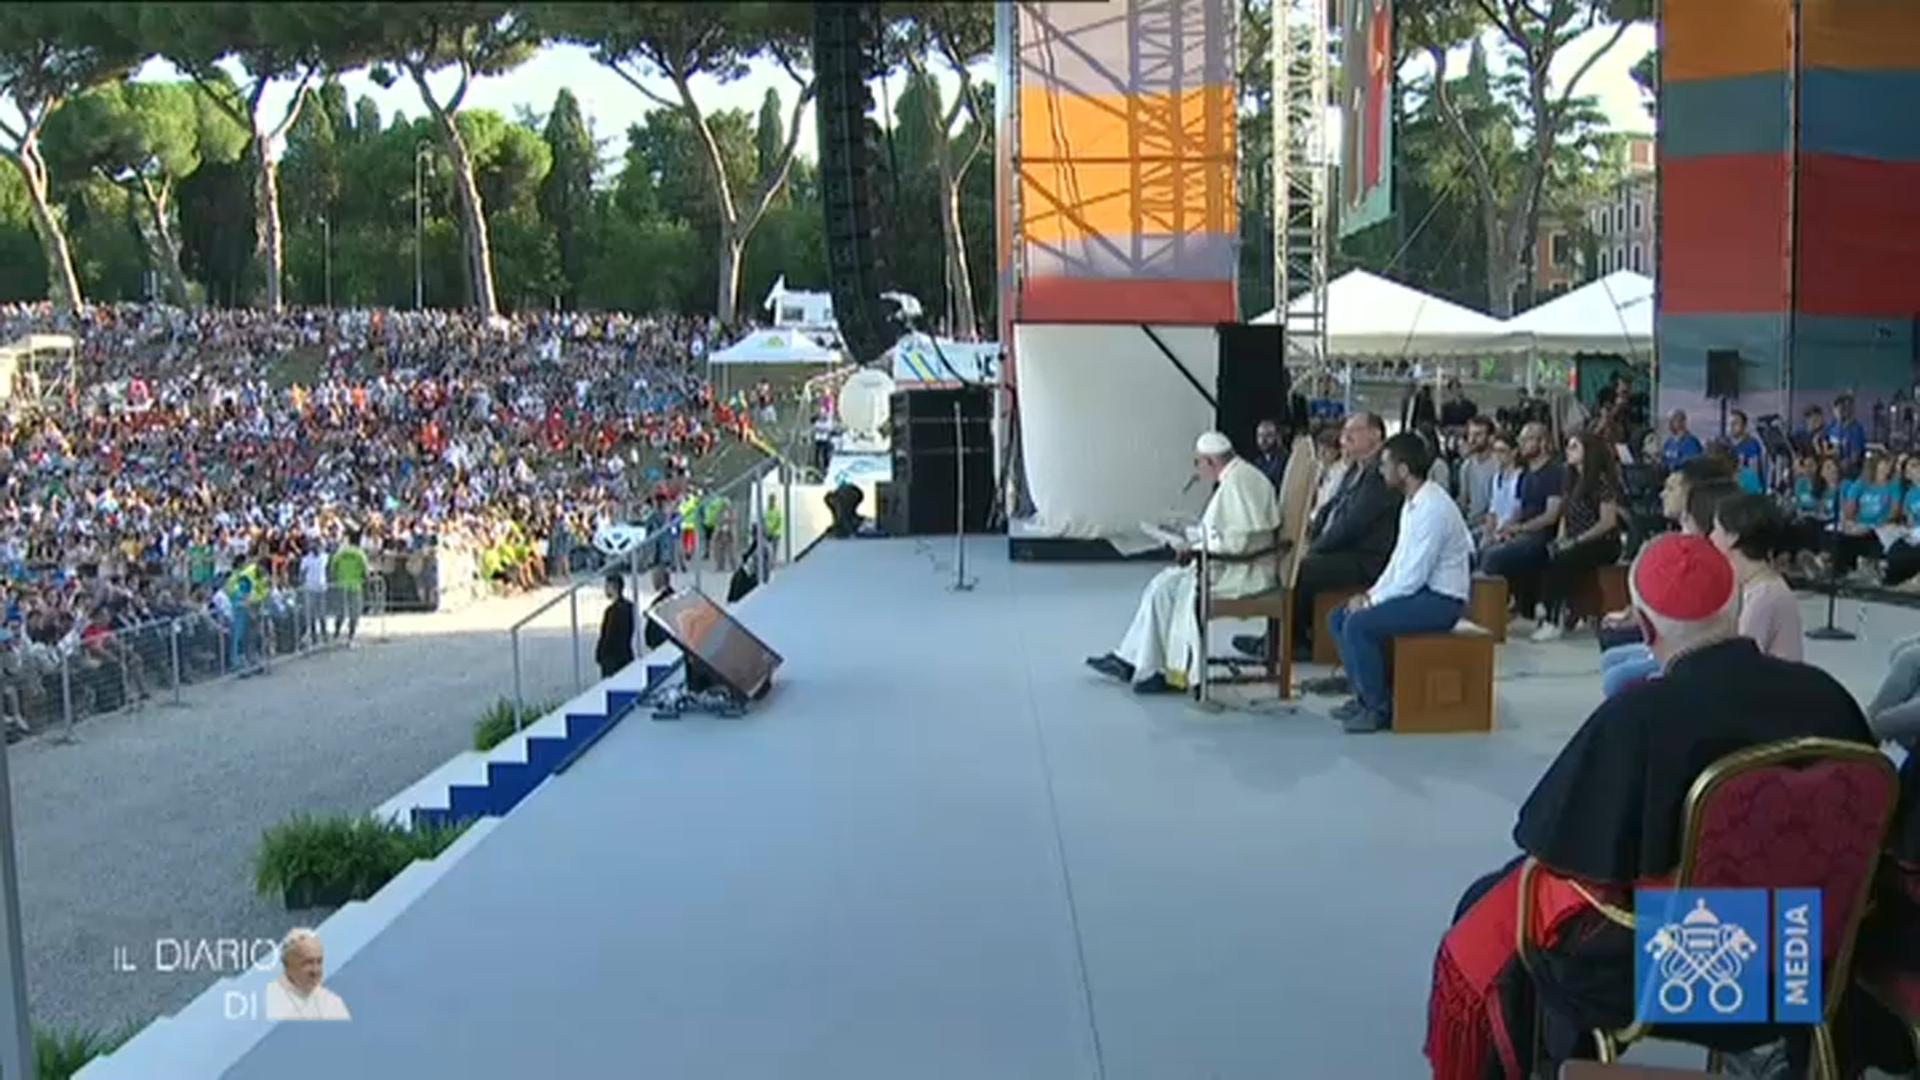 SIAMO QUI - Il Papa incontra i giovani italiani 11/08/2018